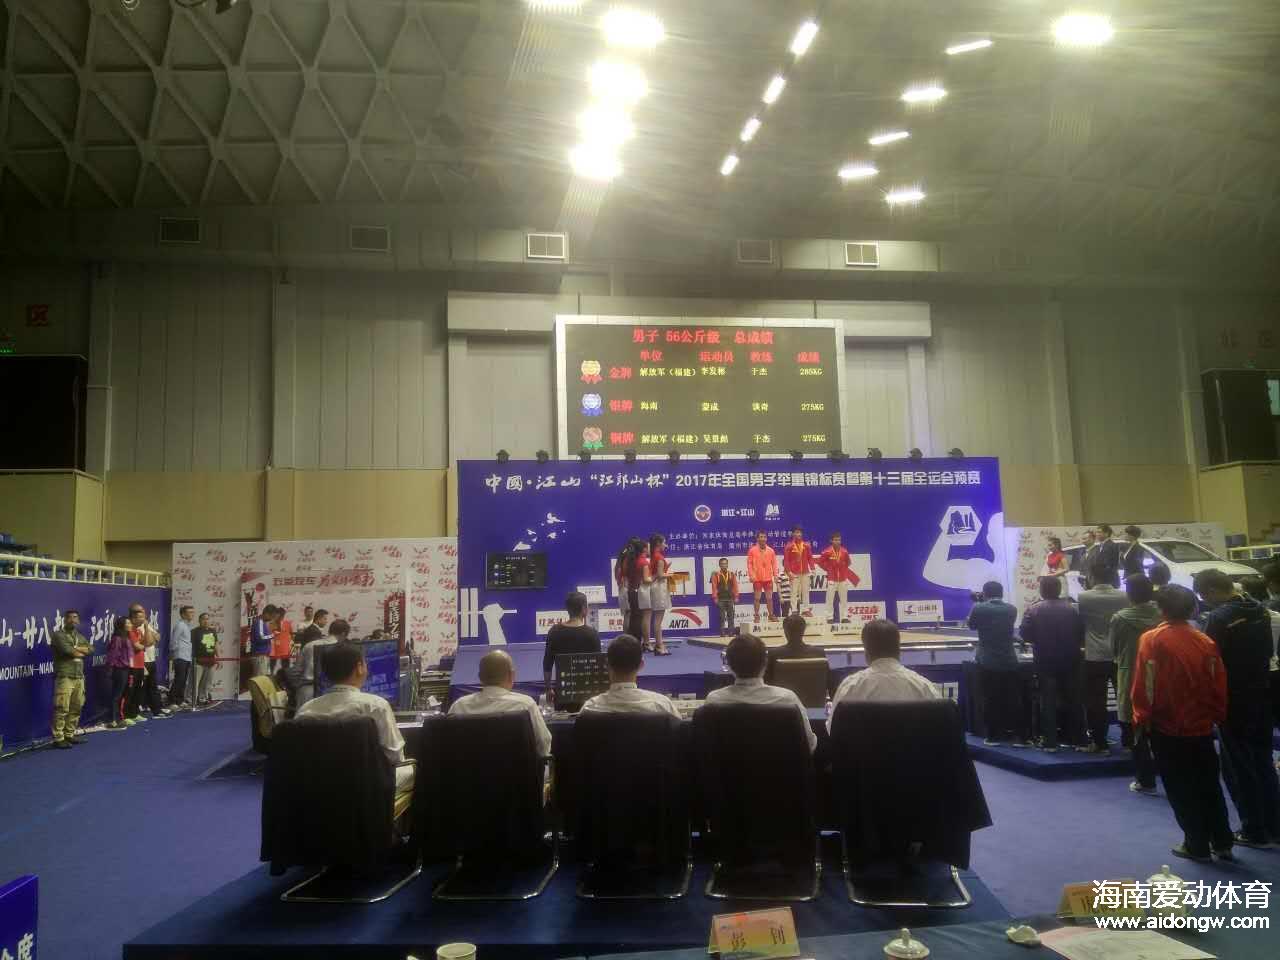 全国男子举重锦标赛暨全运会预赛 蒙成获56公斤级总成绩第二名